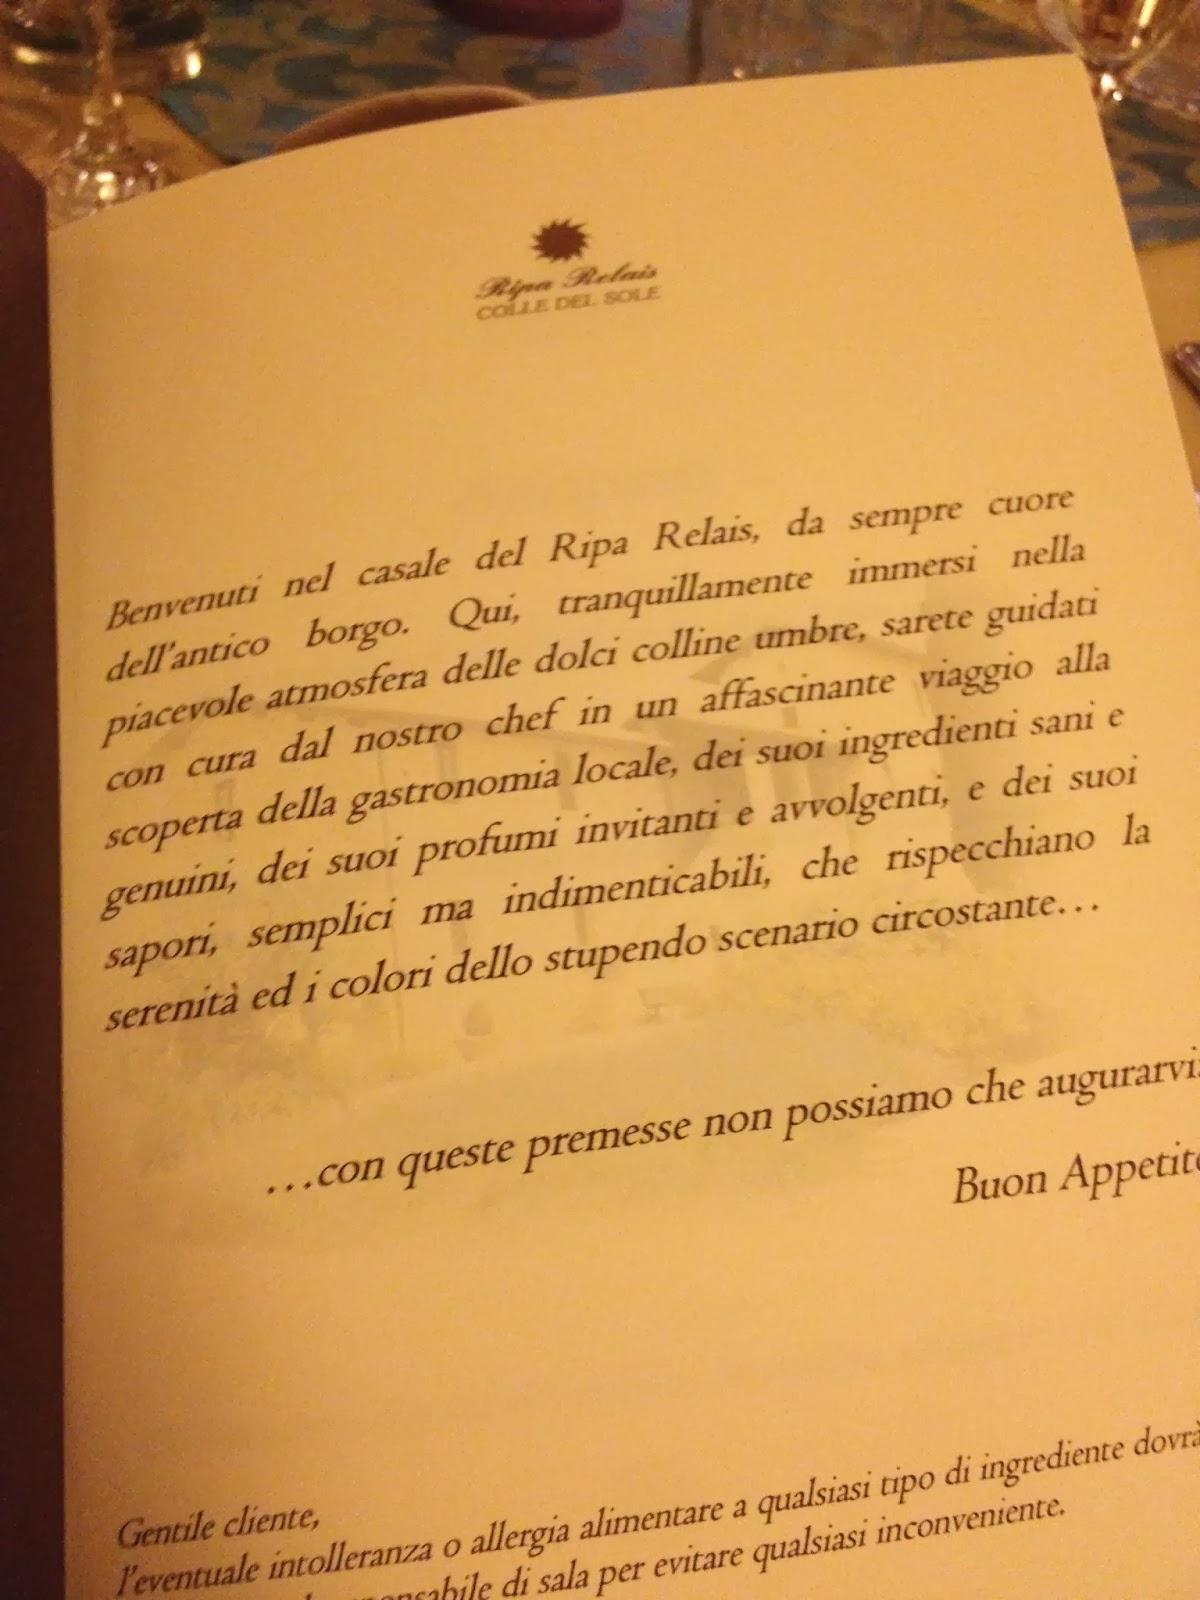 http://www.groupon.it/deals/perugia/ristorante-ripa-relais-colle-del-sole/33705758?utm_source=ogniricciounpasticcio&utm_medium=blogger&utm_campaign=promocode